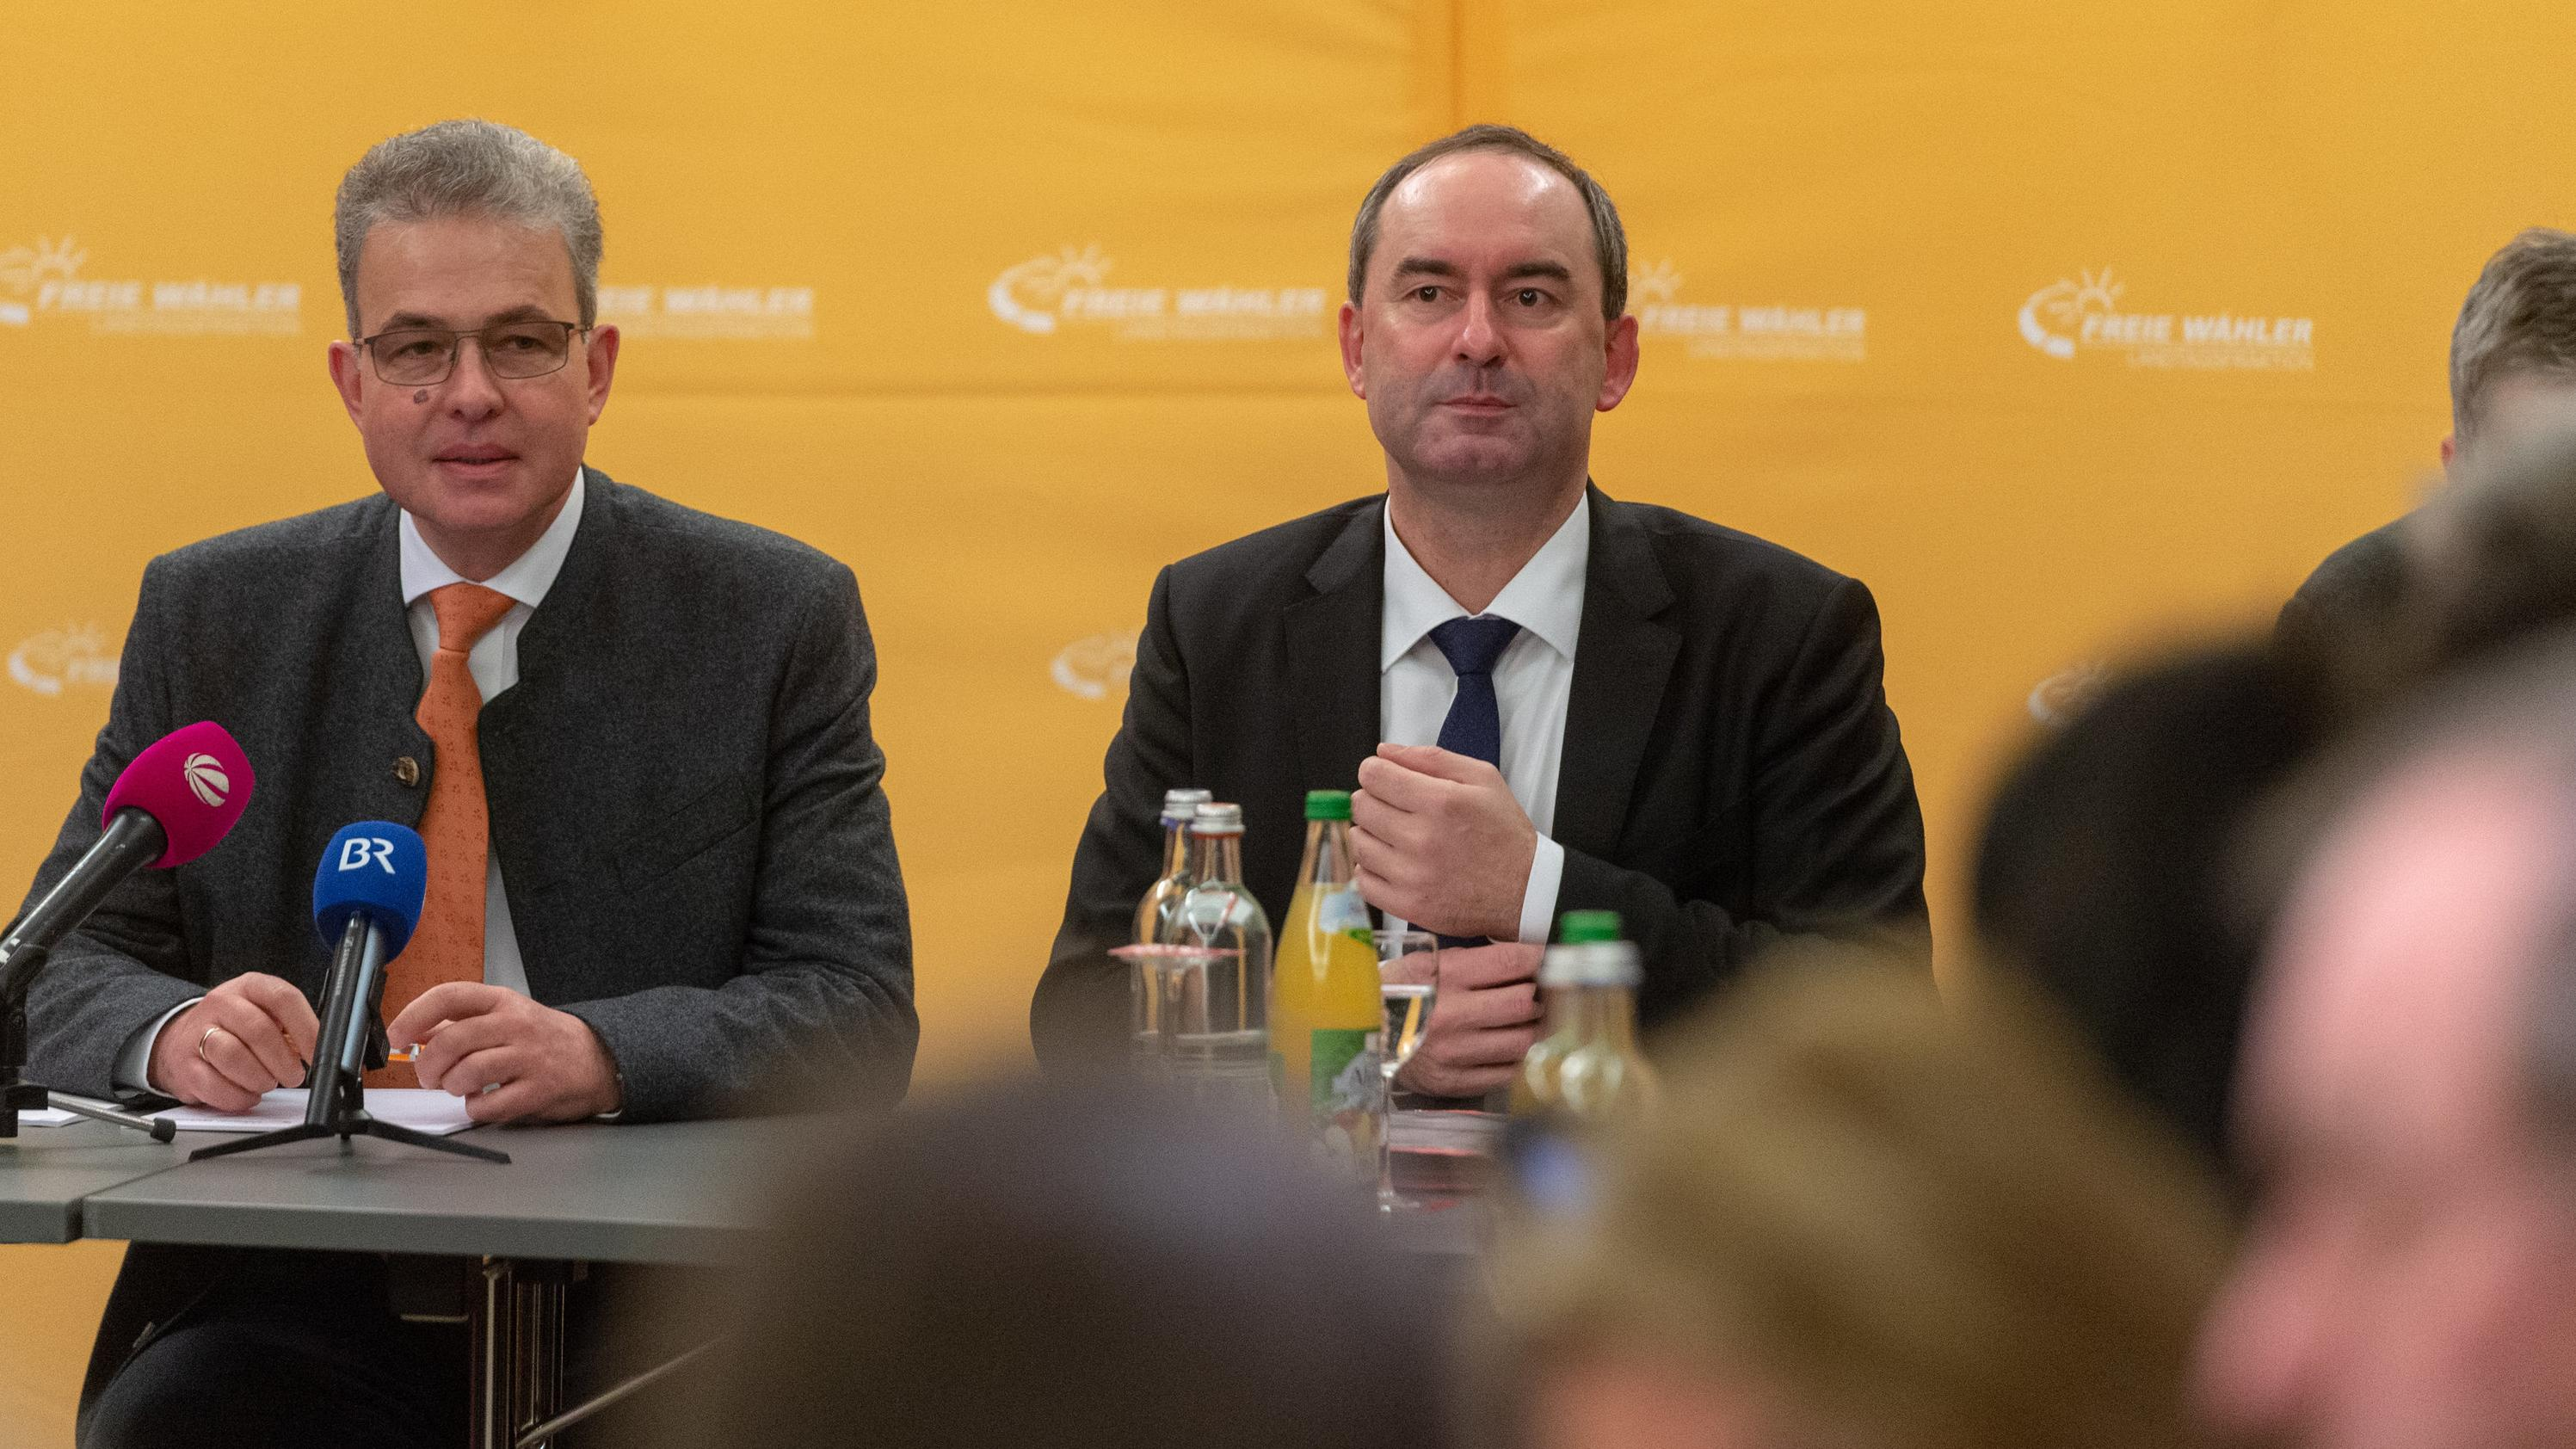 Winterklausur der Landtagsfraktion der Freien Wähler: Florian Streibl und Hubert Aiwanger